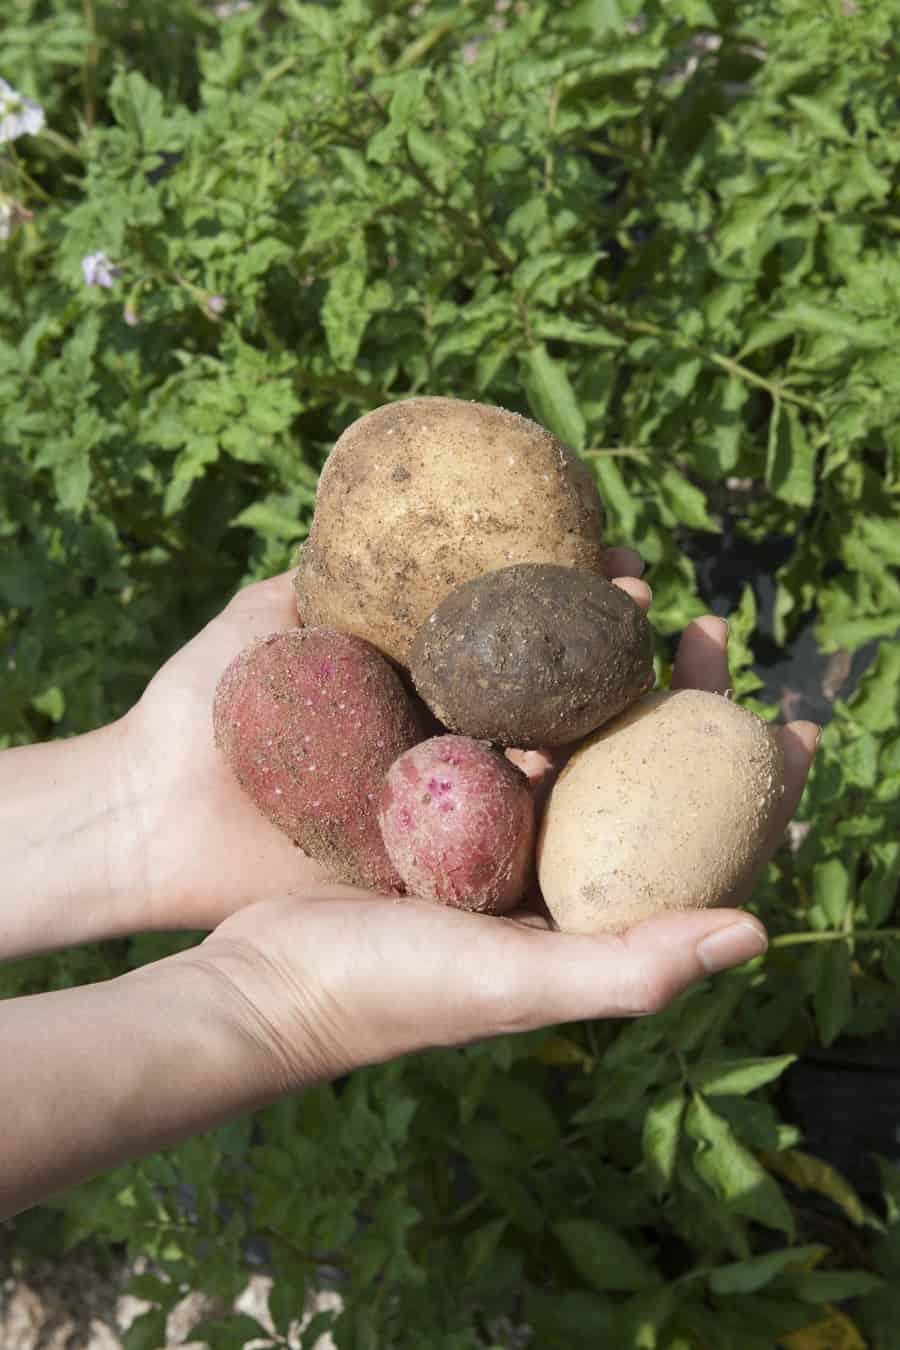 다양한 감자를 키우고 씨앗을 이어가는 '핑크세레스' 농가방문